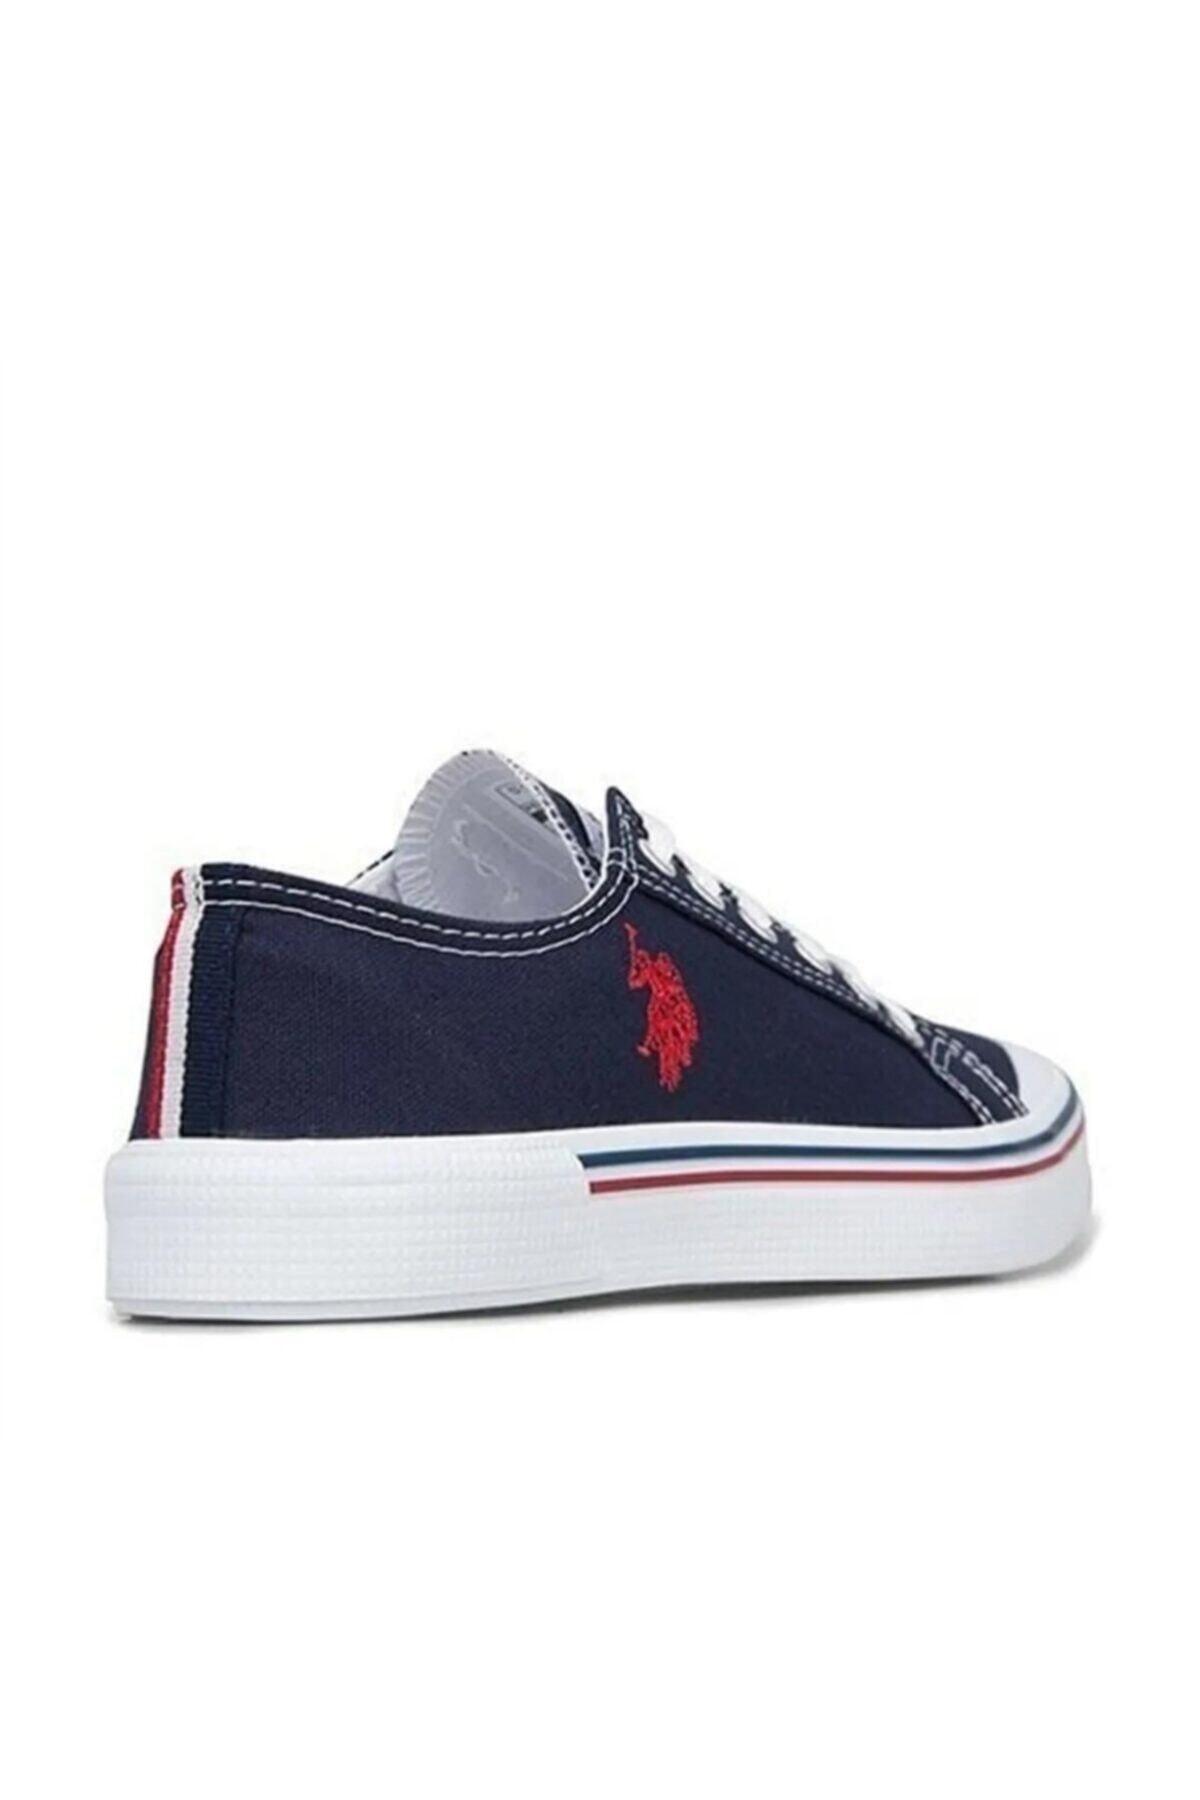 U.S. Polo Assn. PENELOPE Lacivert Kadın Sneaker 100249231 2